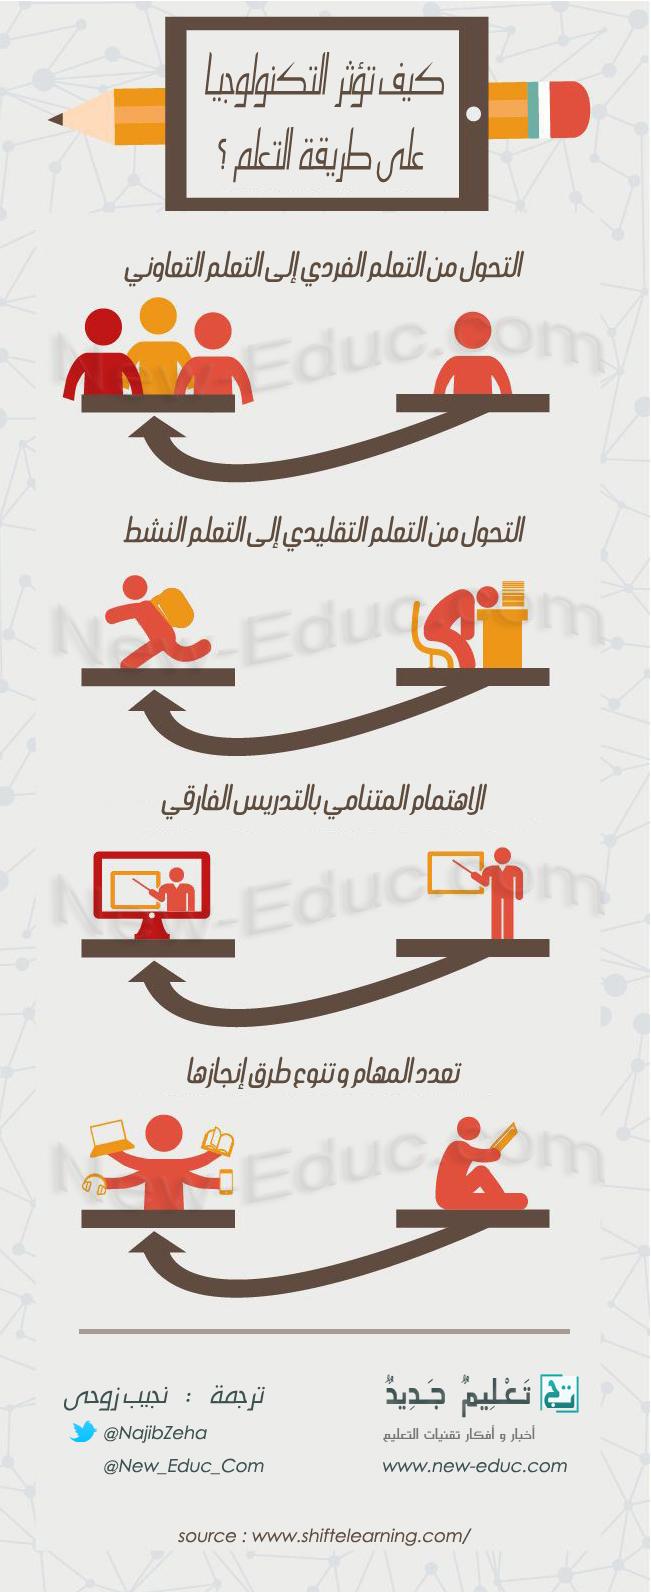 طريقة التعلم